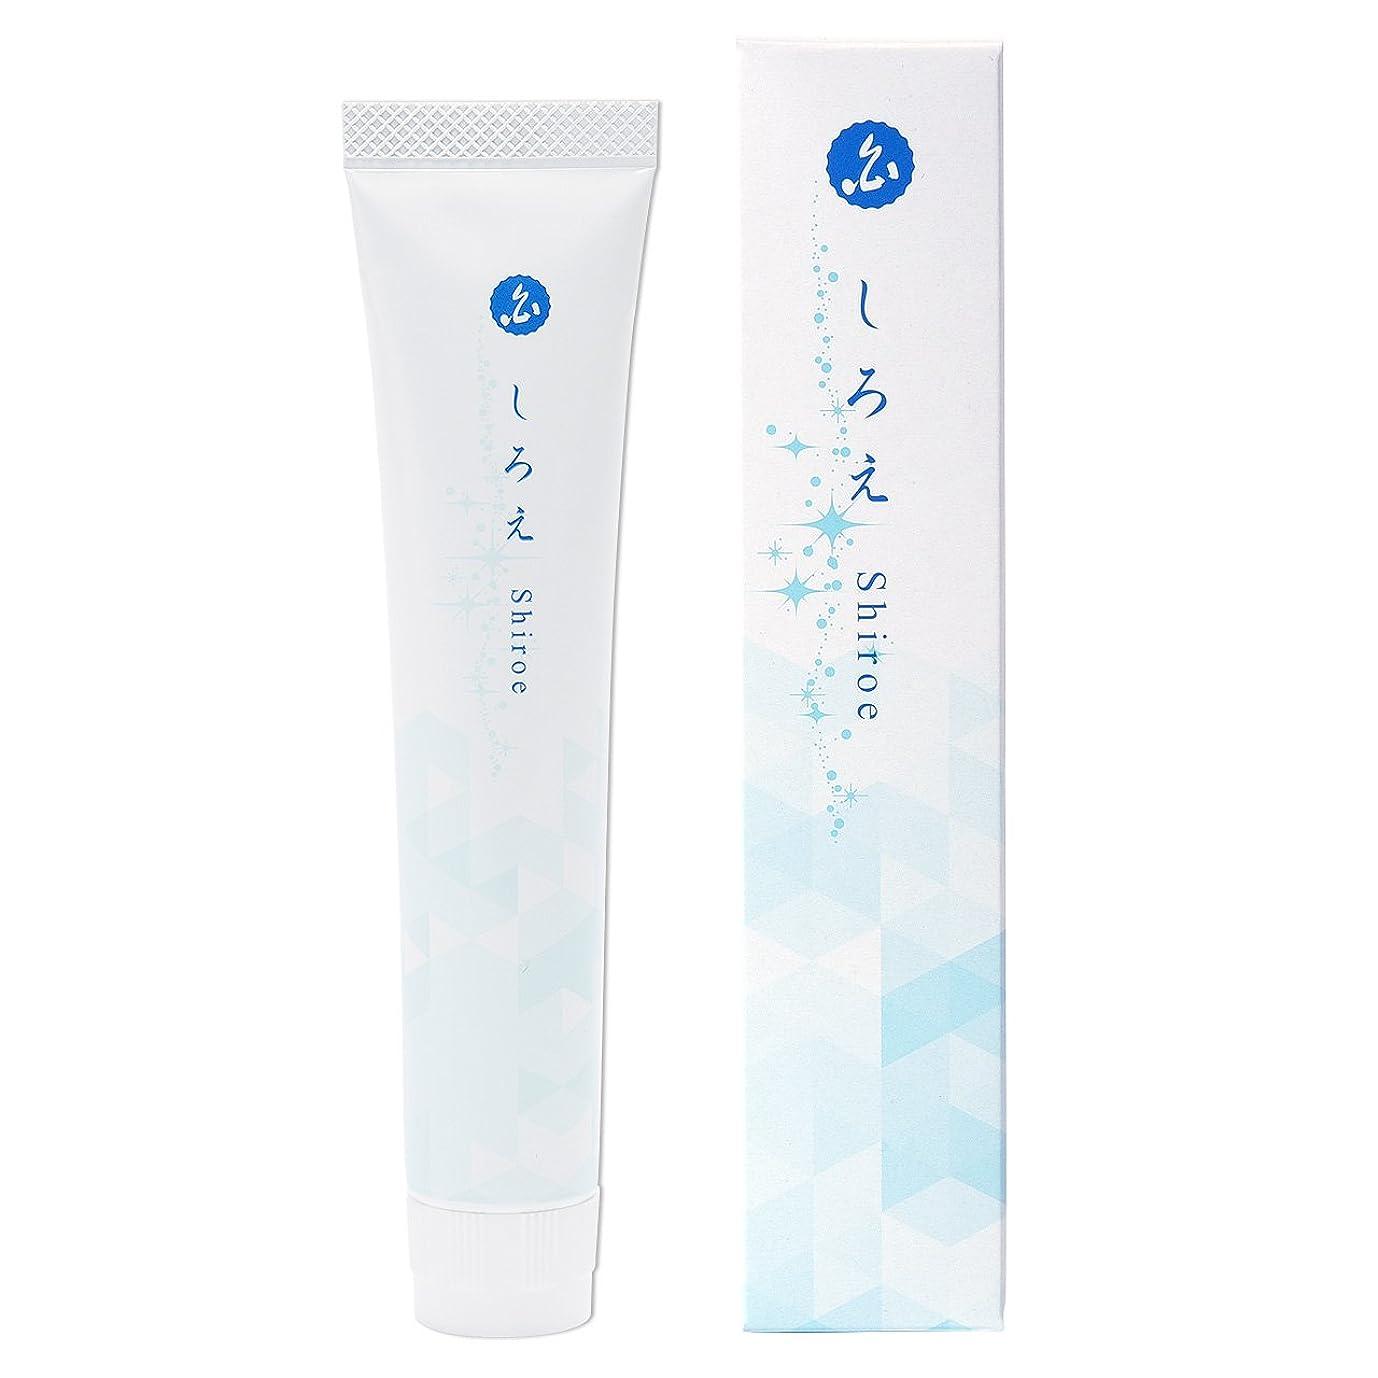 アルプス手紙を書くパーセント薬用しろえ歯磨きジェル ホワイトニング歯磨き粉 医薬部外品 はみがき粉 50g 日本製